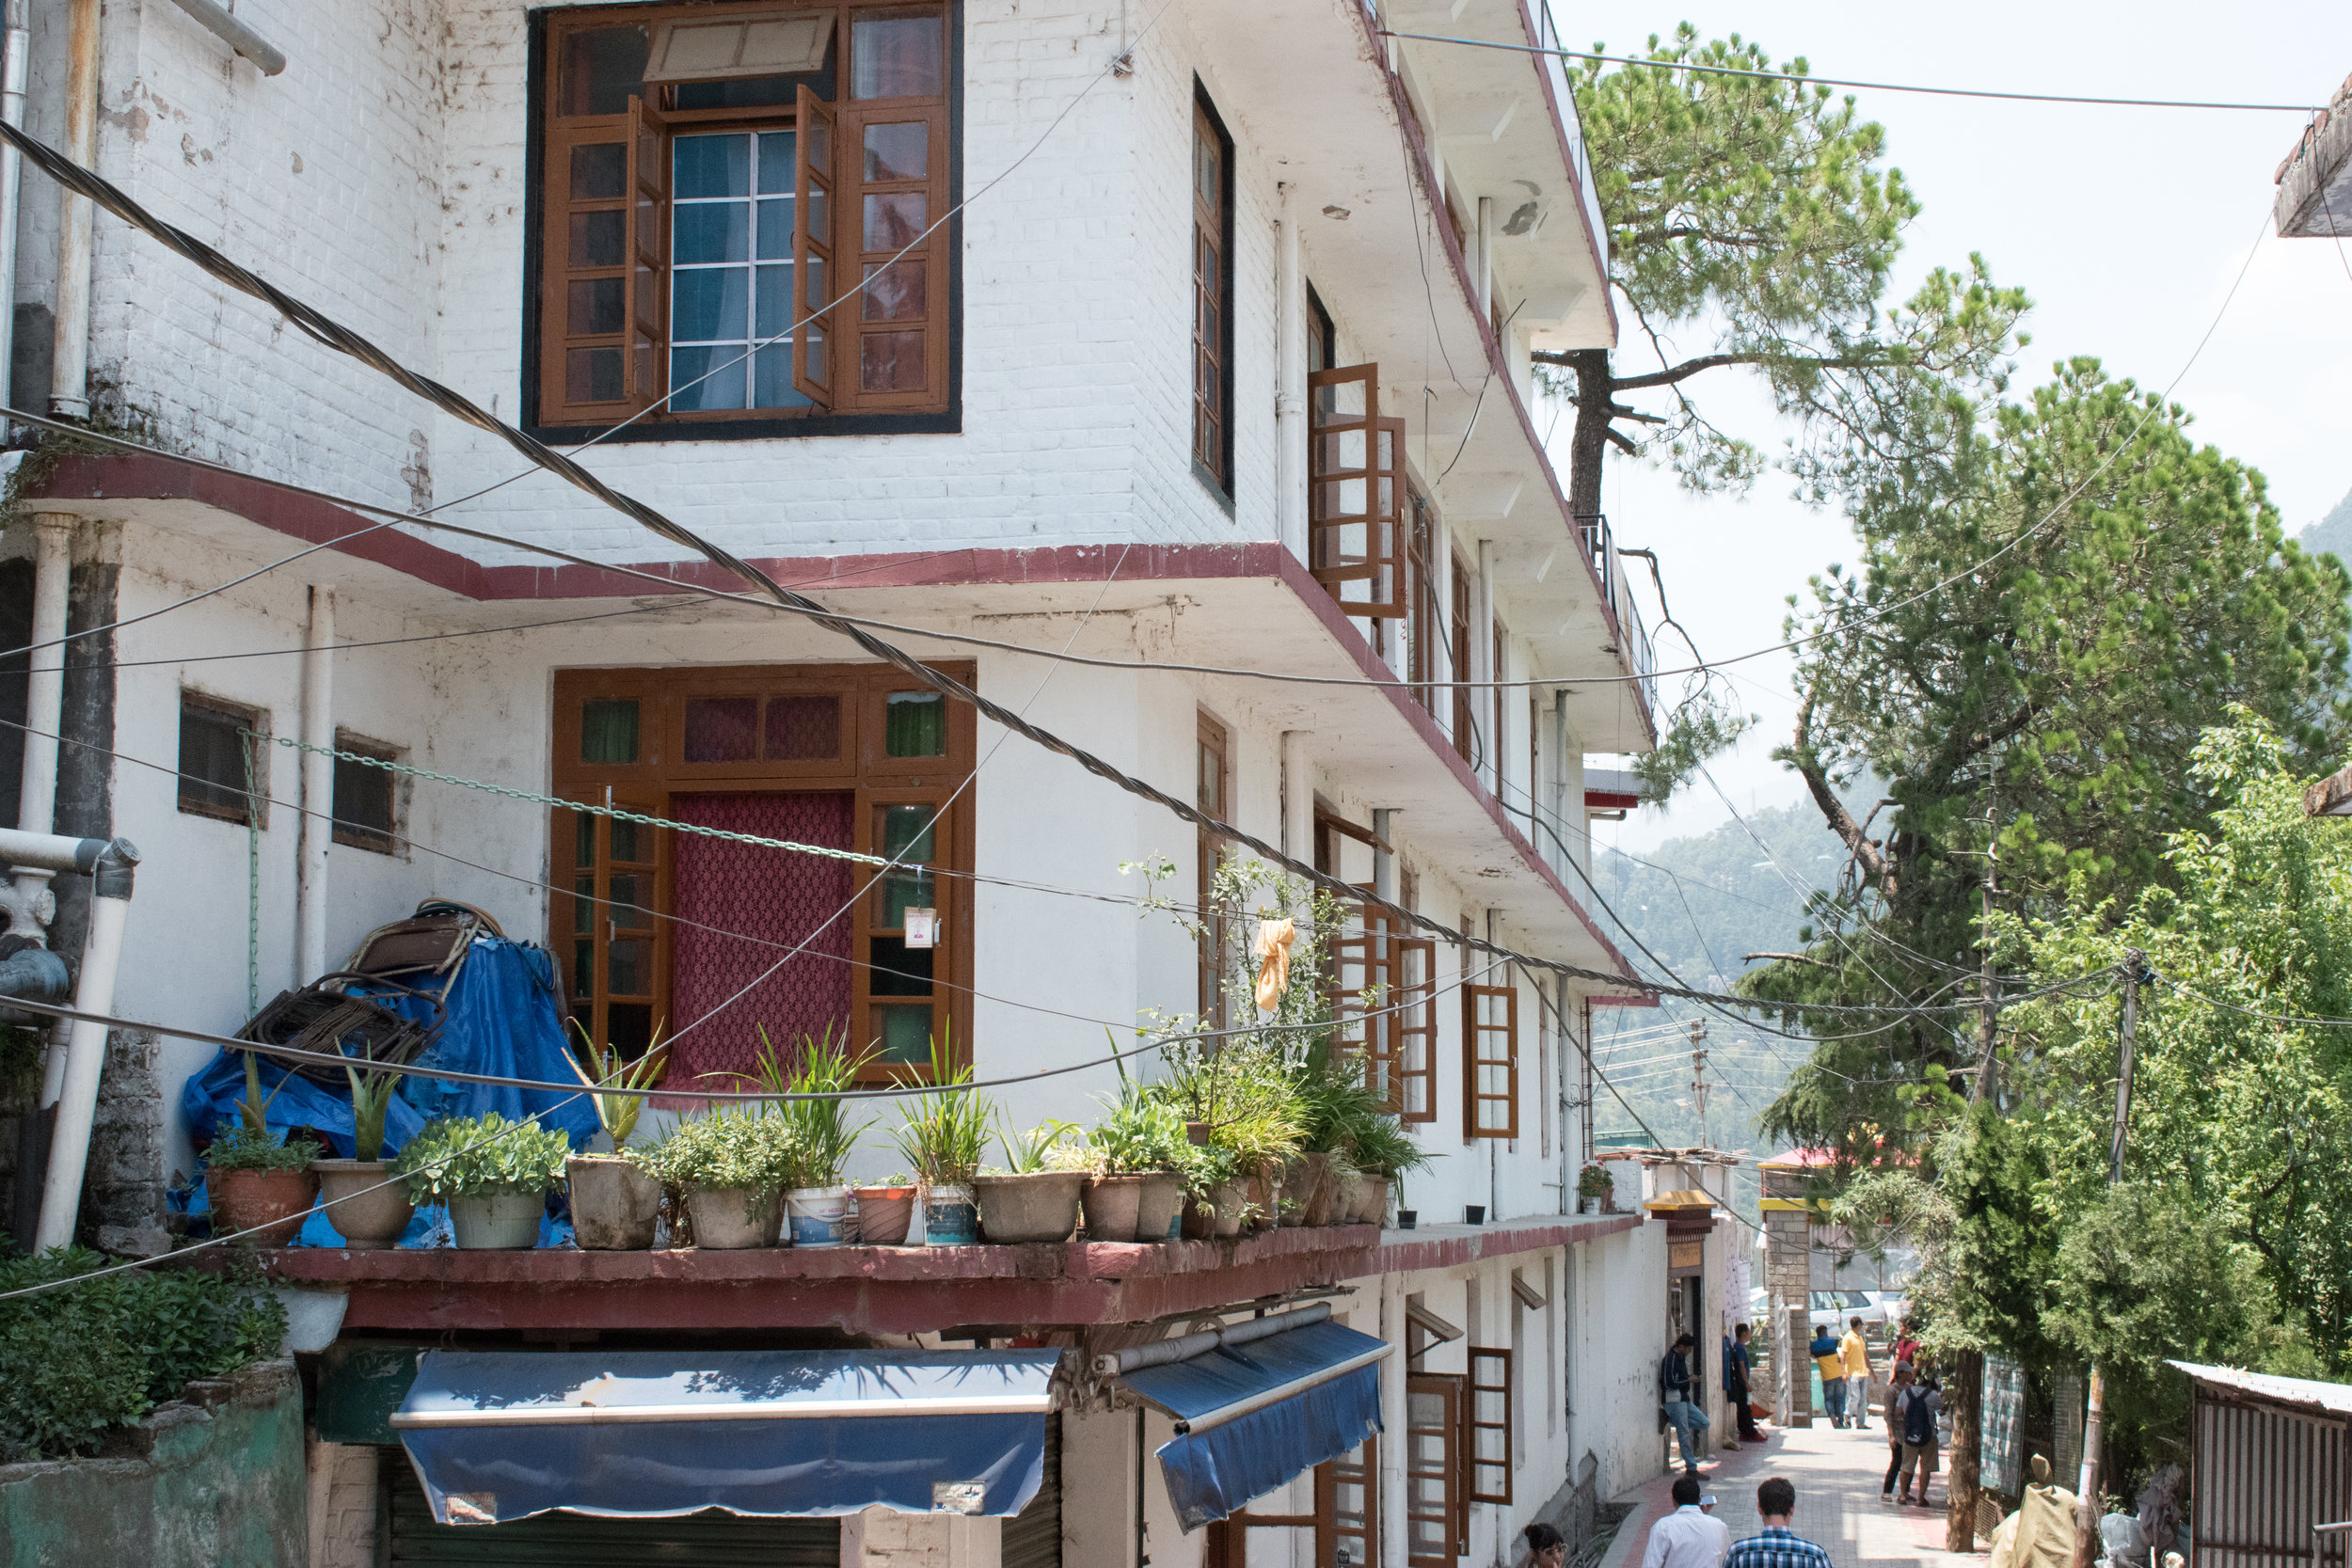 A Street Scene In Mcleod Ganj, India